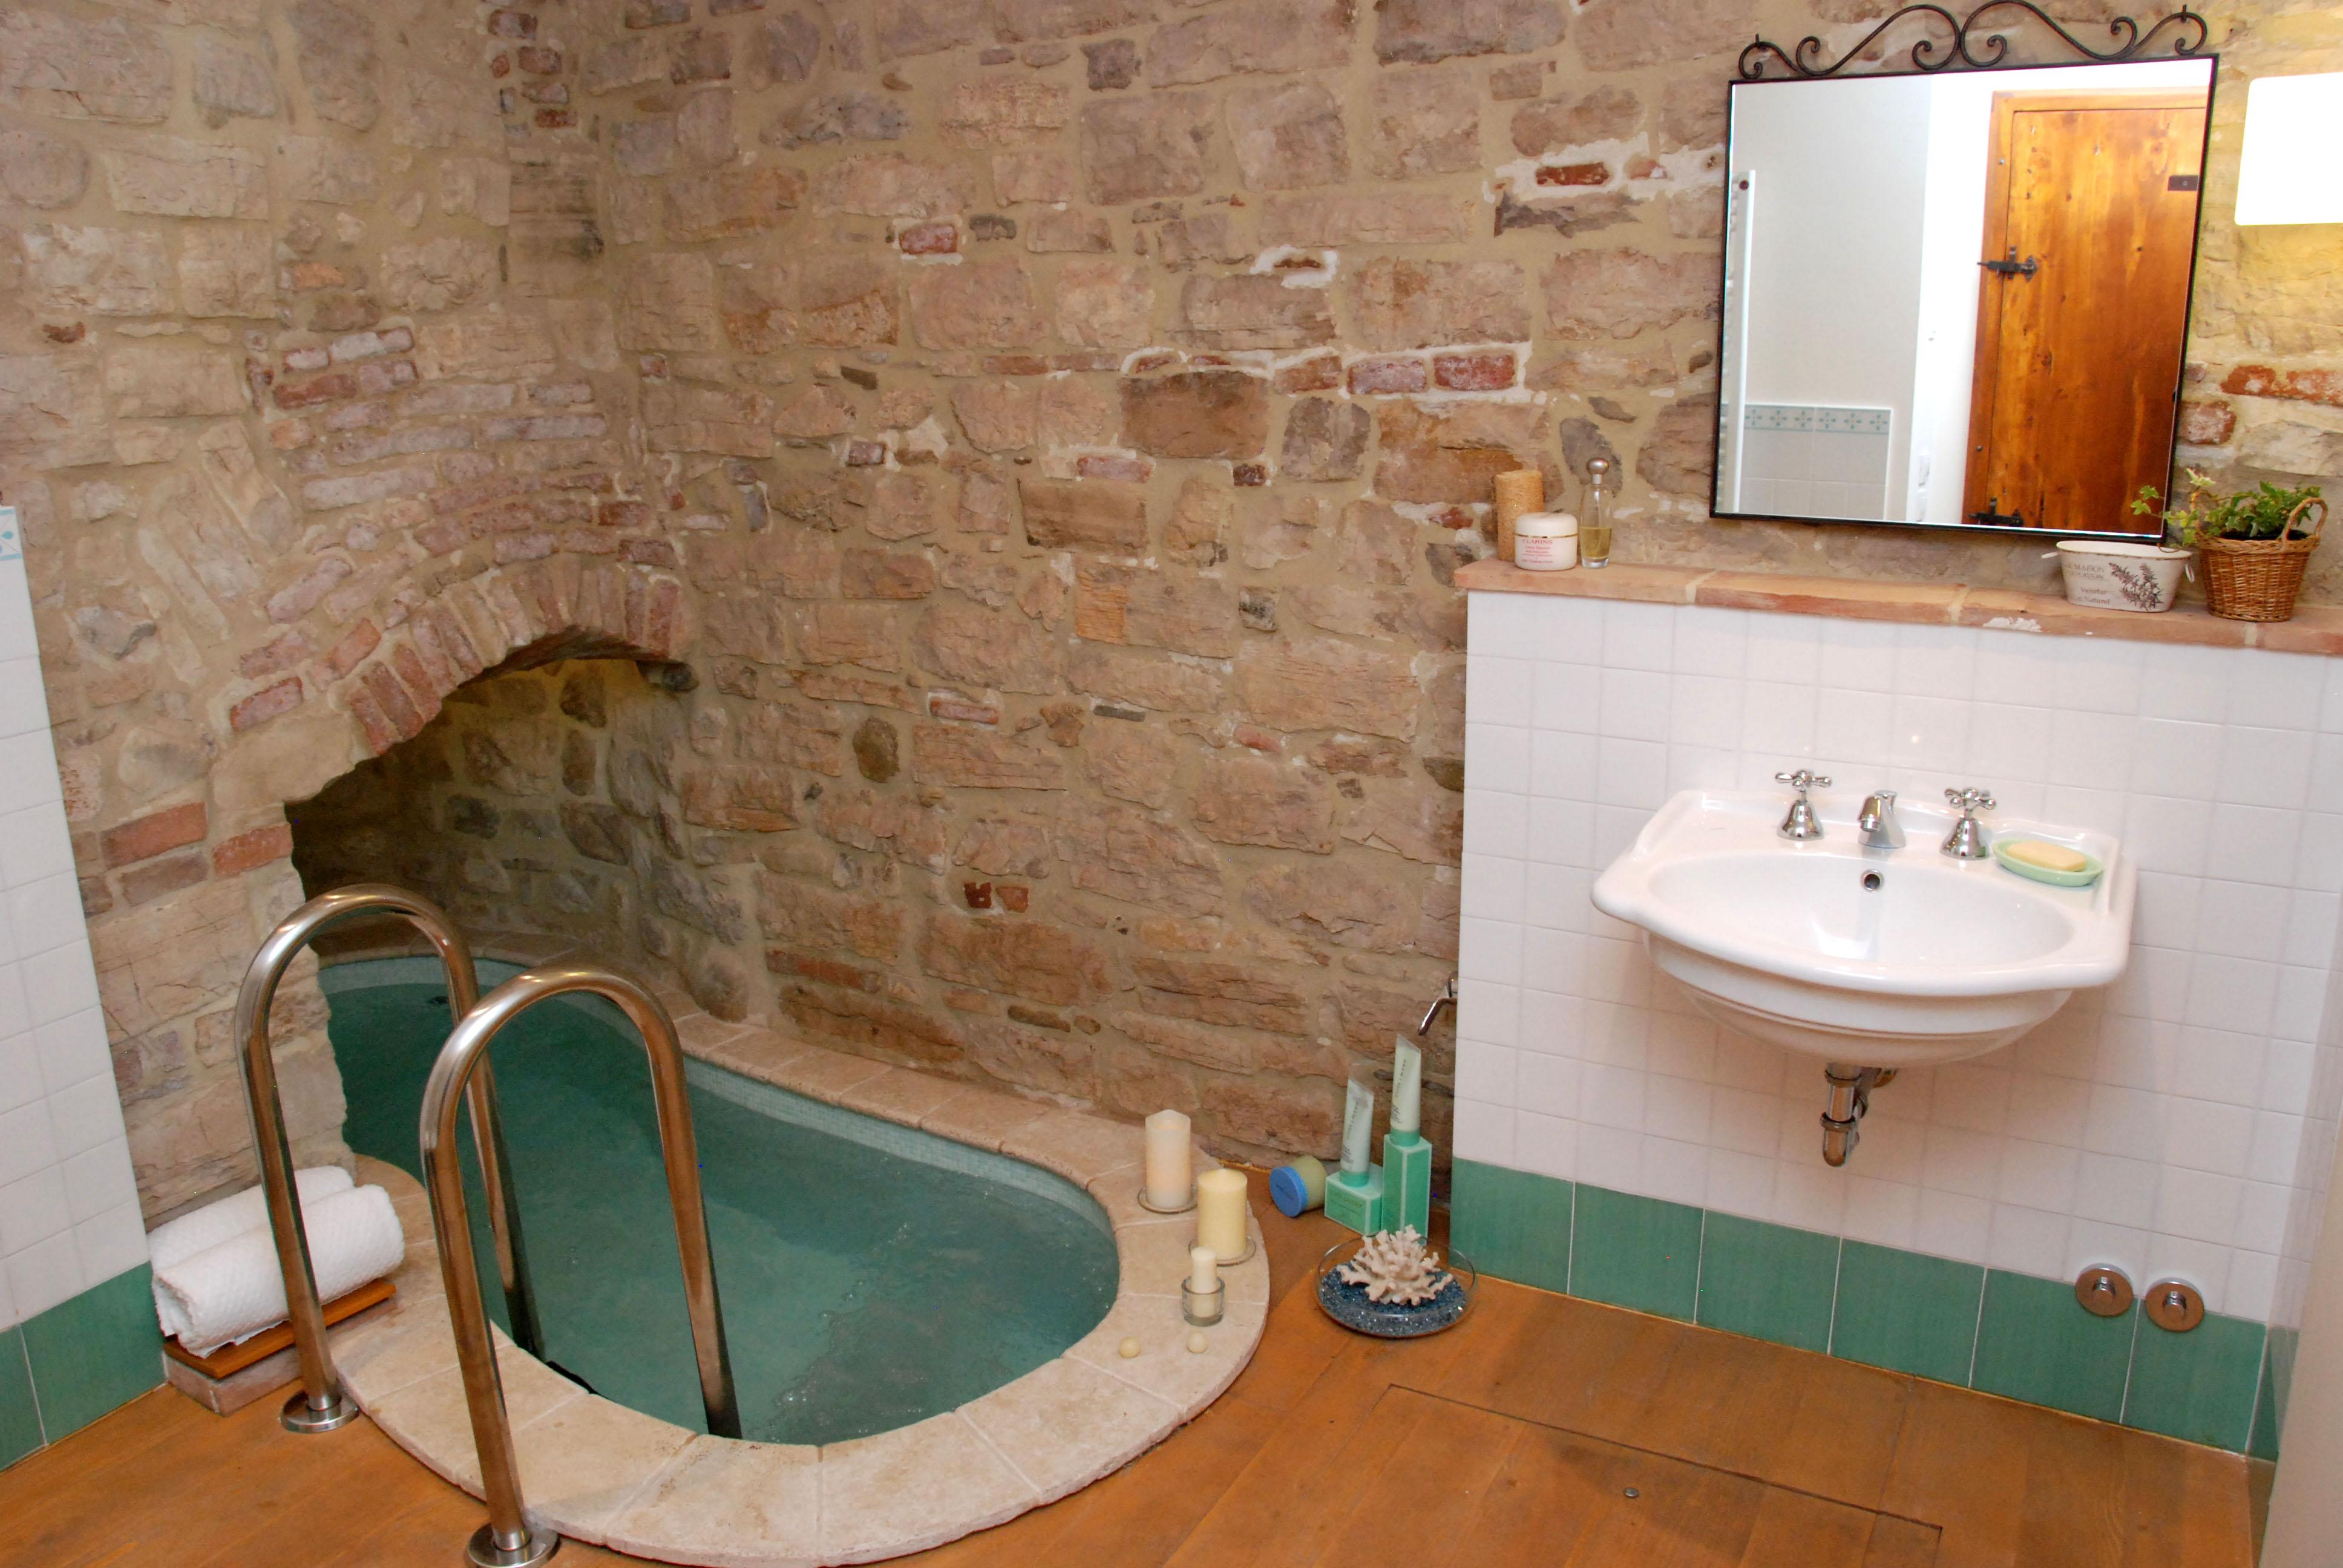 Magnificent Roman Bathtubs Images - The Best Bathroom Ideas - lapoup.com